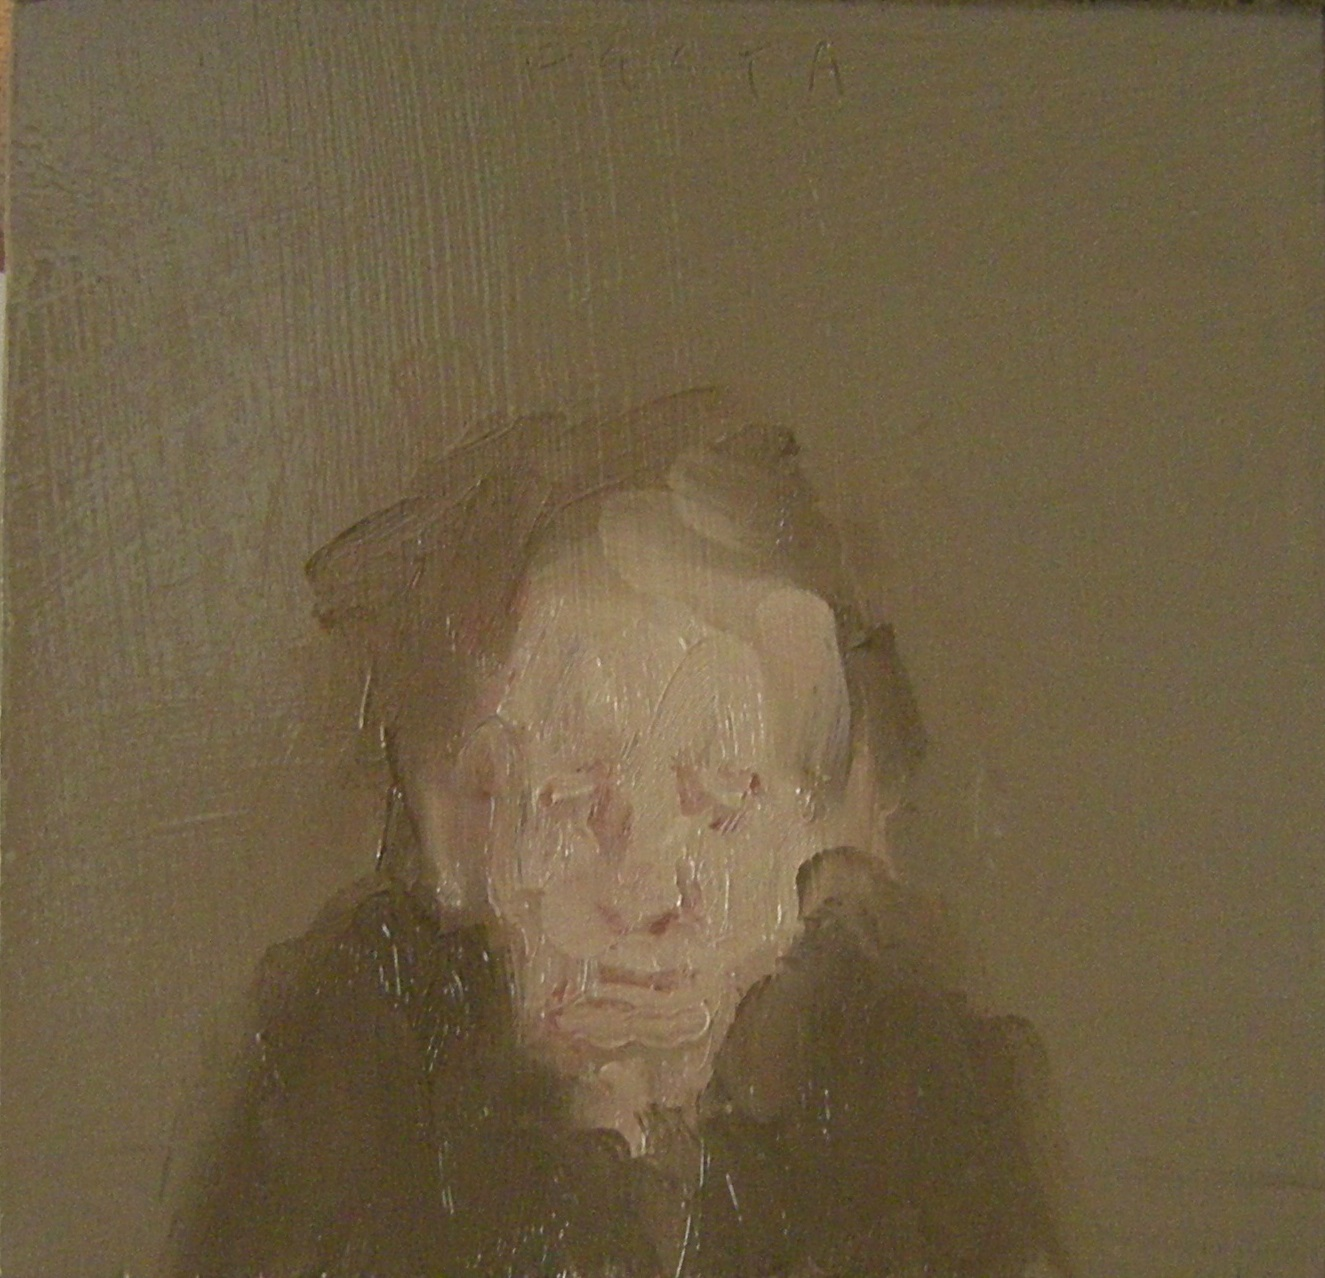 Woman-in-Brown-Looking-Down.jpg